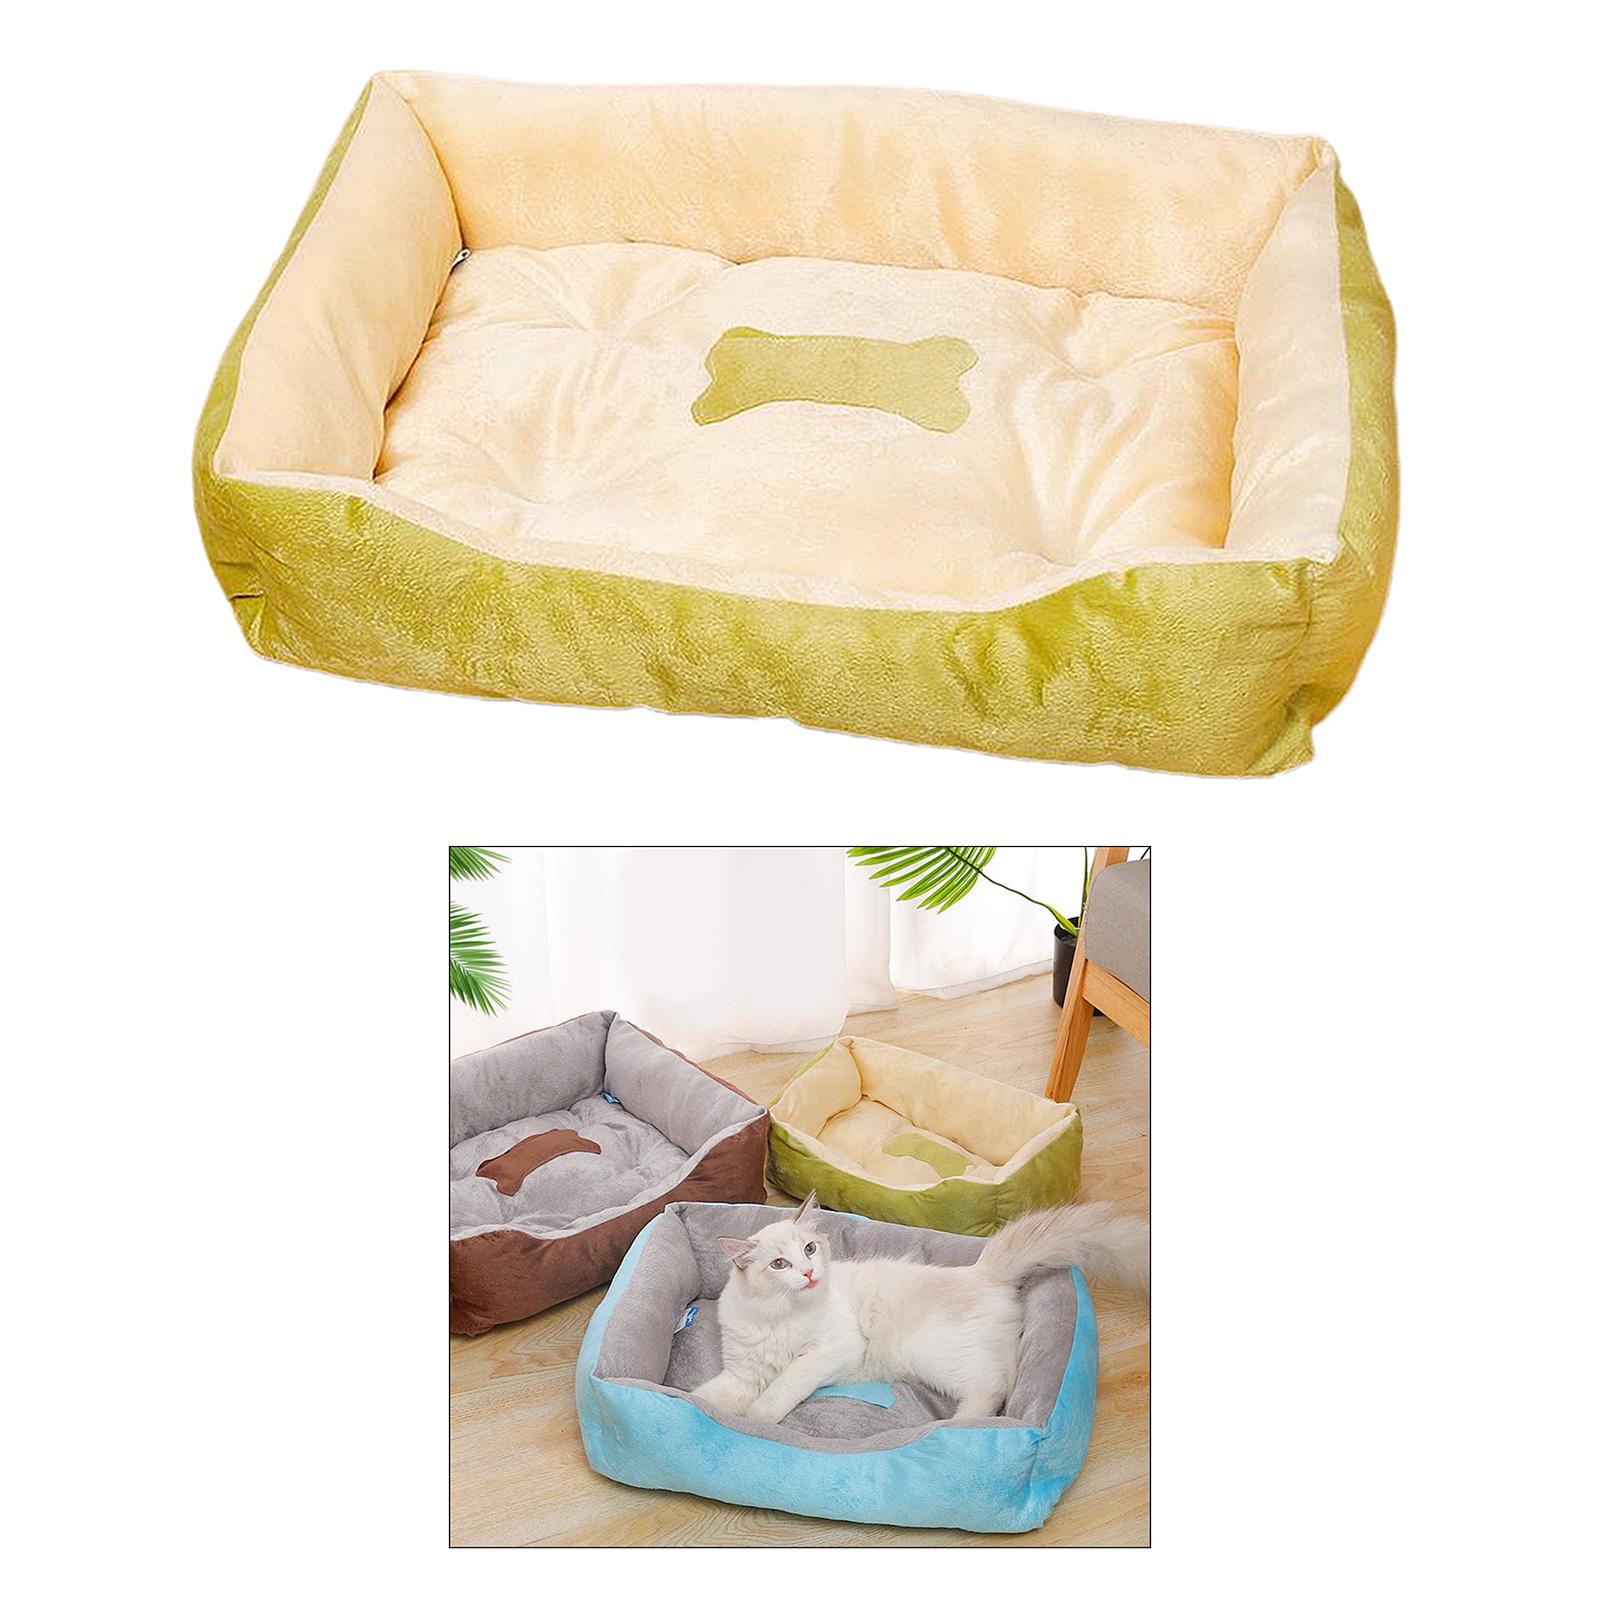 Indexbild 28 - Katze-Hund-Bett-Pet-Kissen-Betten-Haus-Schlaf-Soft-Warmen-Zwinger-Decke-Nest